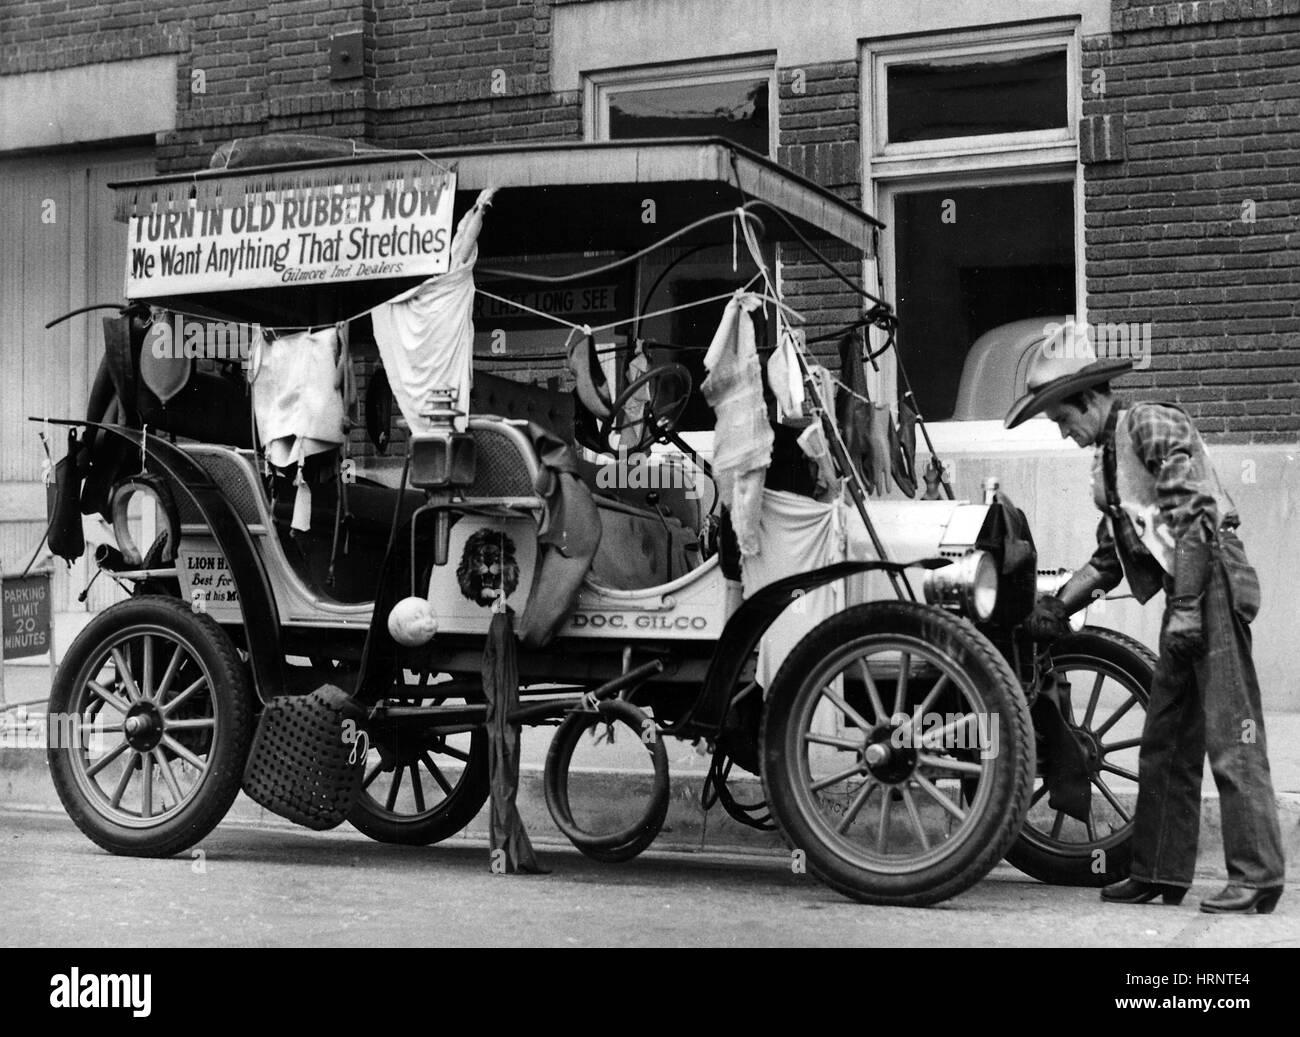 Scrap Rubber Drive, 1942 Stock Photo